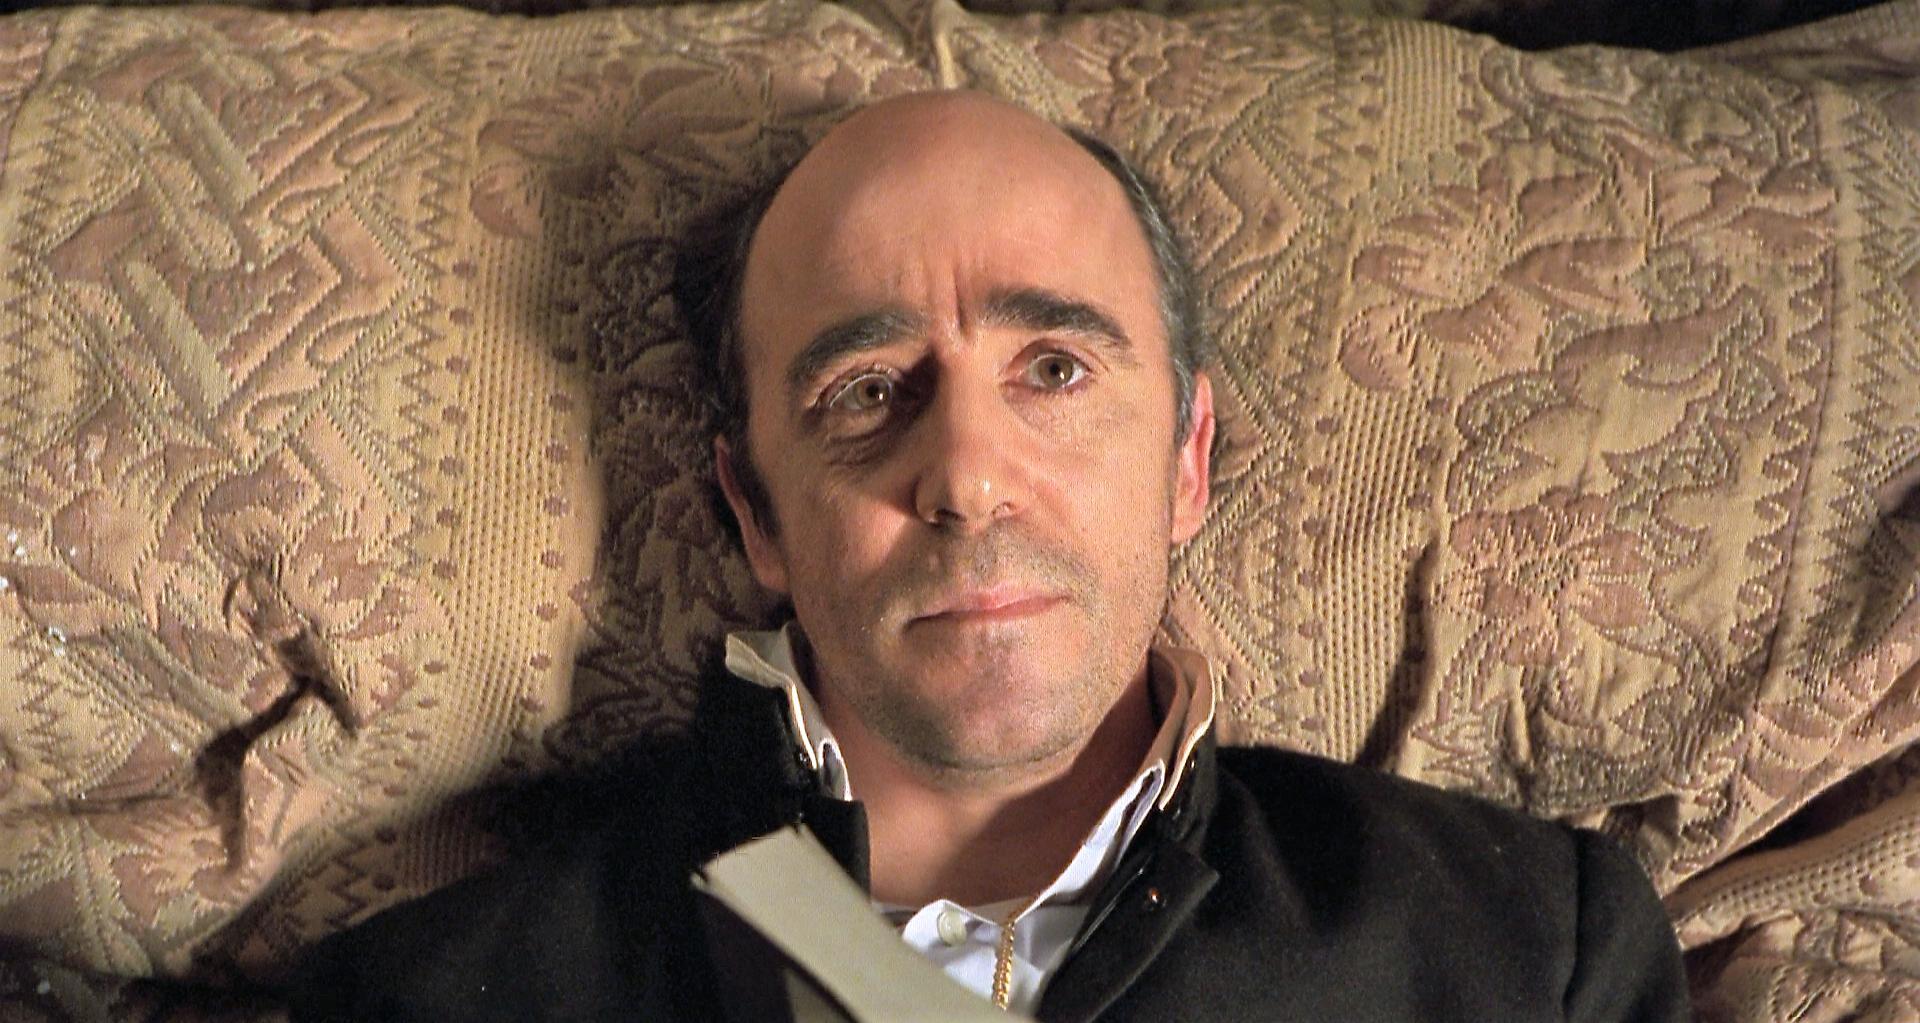 Álex Angulo in El día de la bestia (1995)